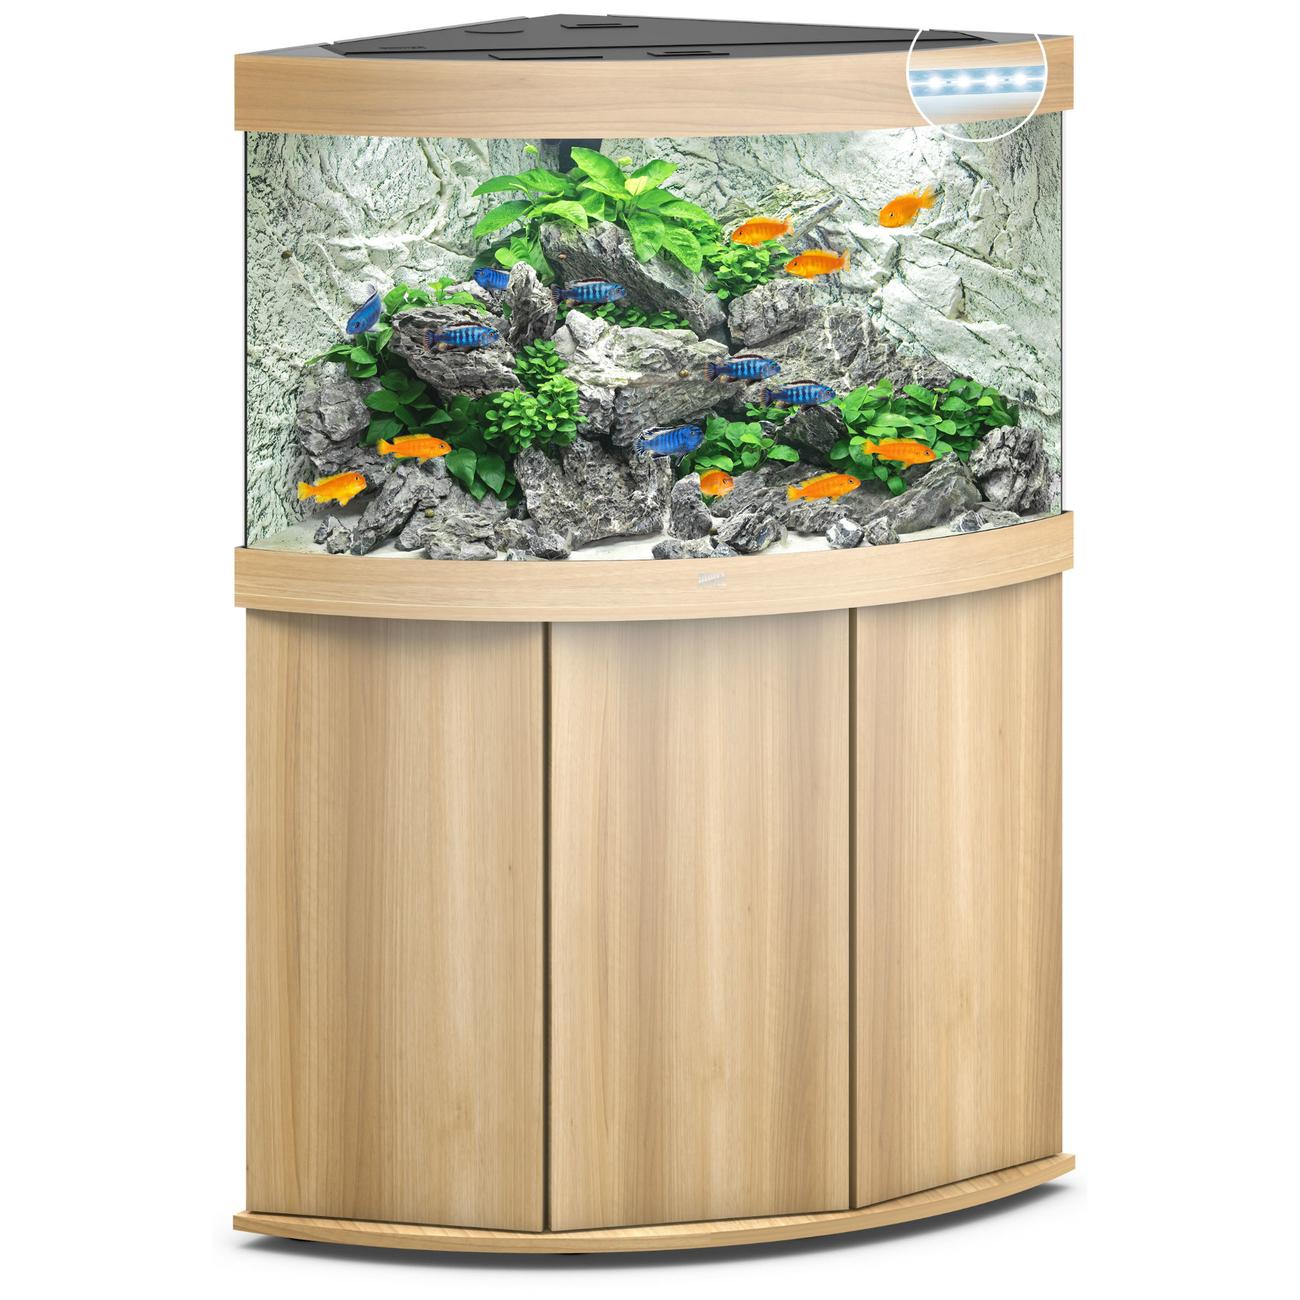 Juwel Trigon 190 LED Eck-Aquarium mit Unterschrank, 190 Liter, helles Holz